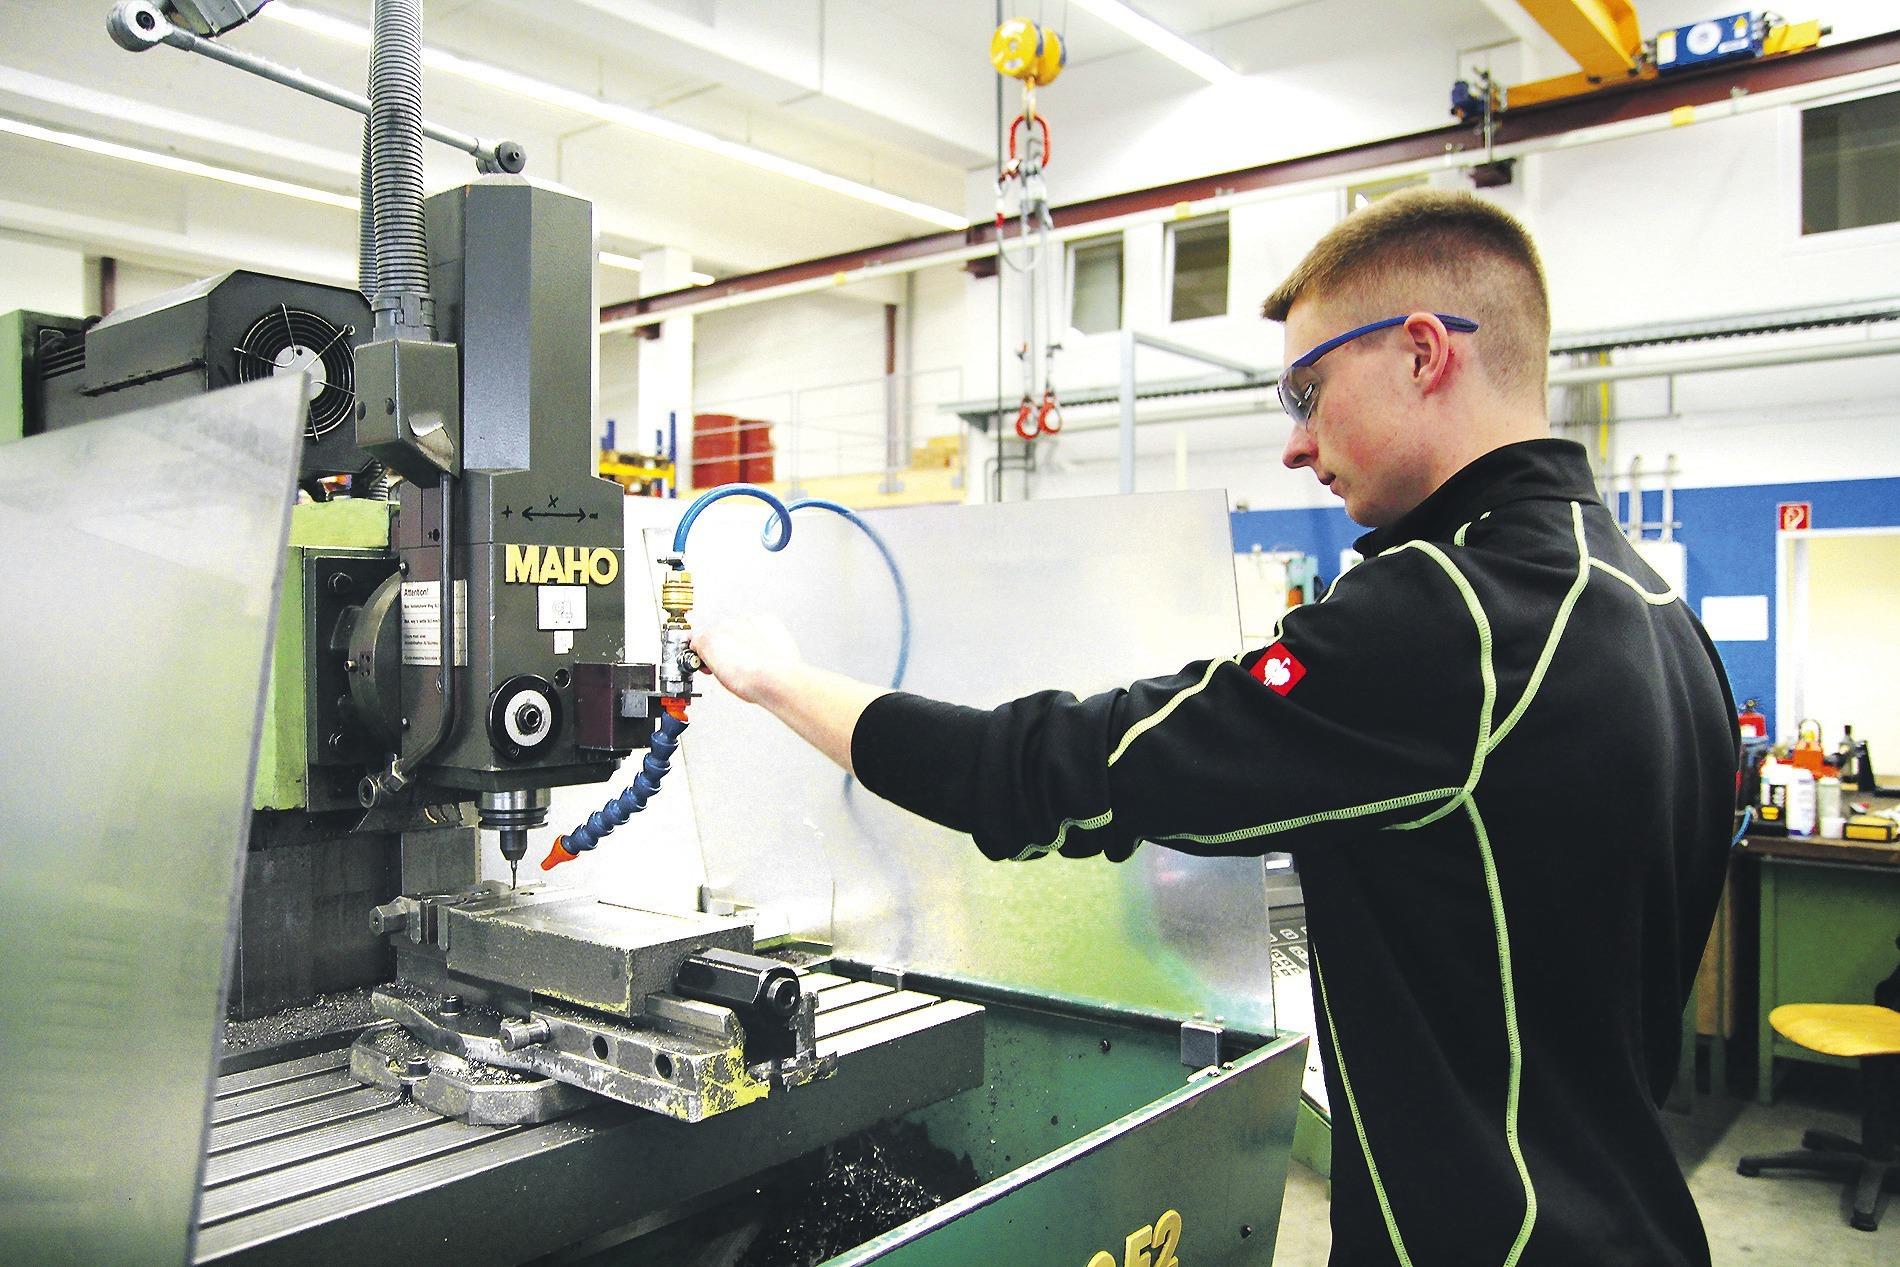 Nils Meißner macht eine Ausbildung zum Werkzeugmechaniker Formtechnik bei  der Firma Schmitt und Meissner.Foto: Christian Beck